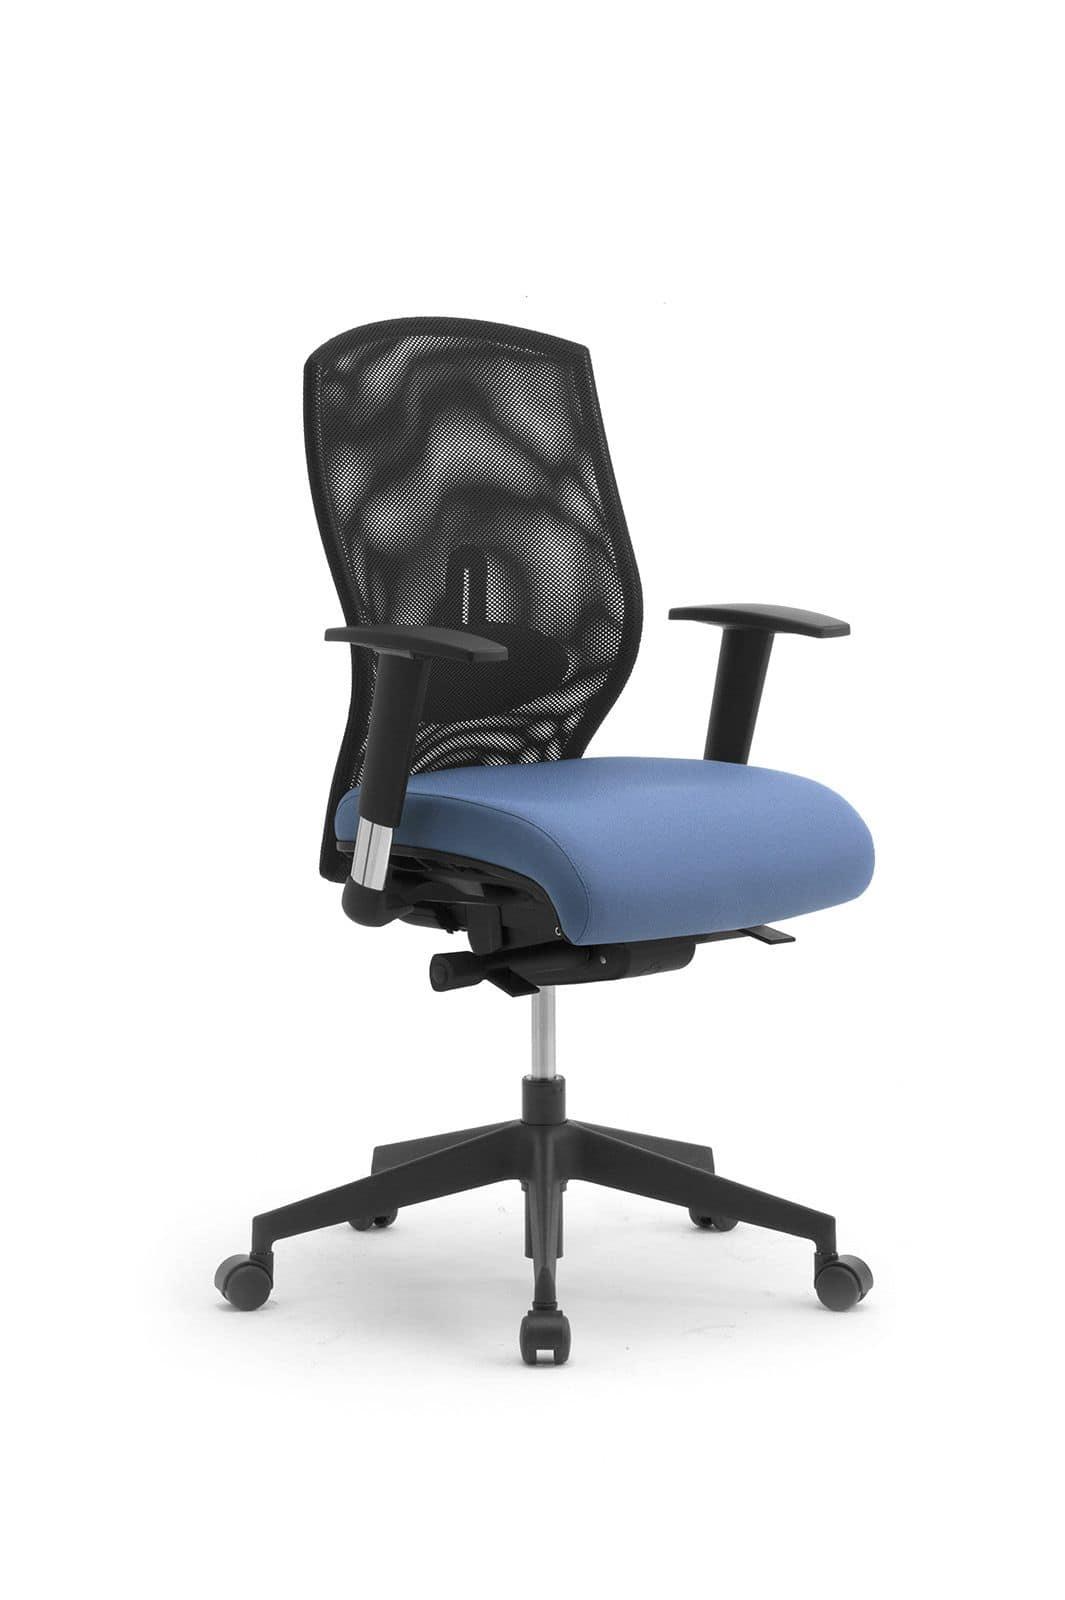 Sedia per ufficio con ruote schienale in rete idfdesign for Sedie economiche per ufficio